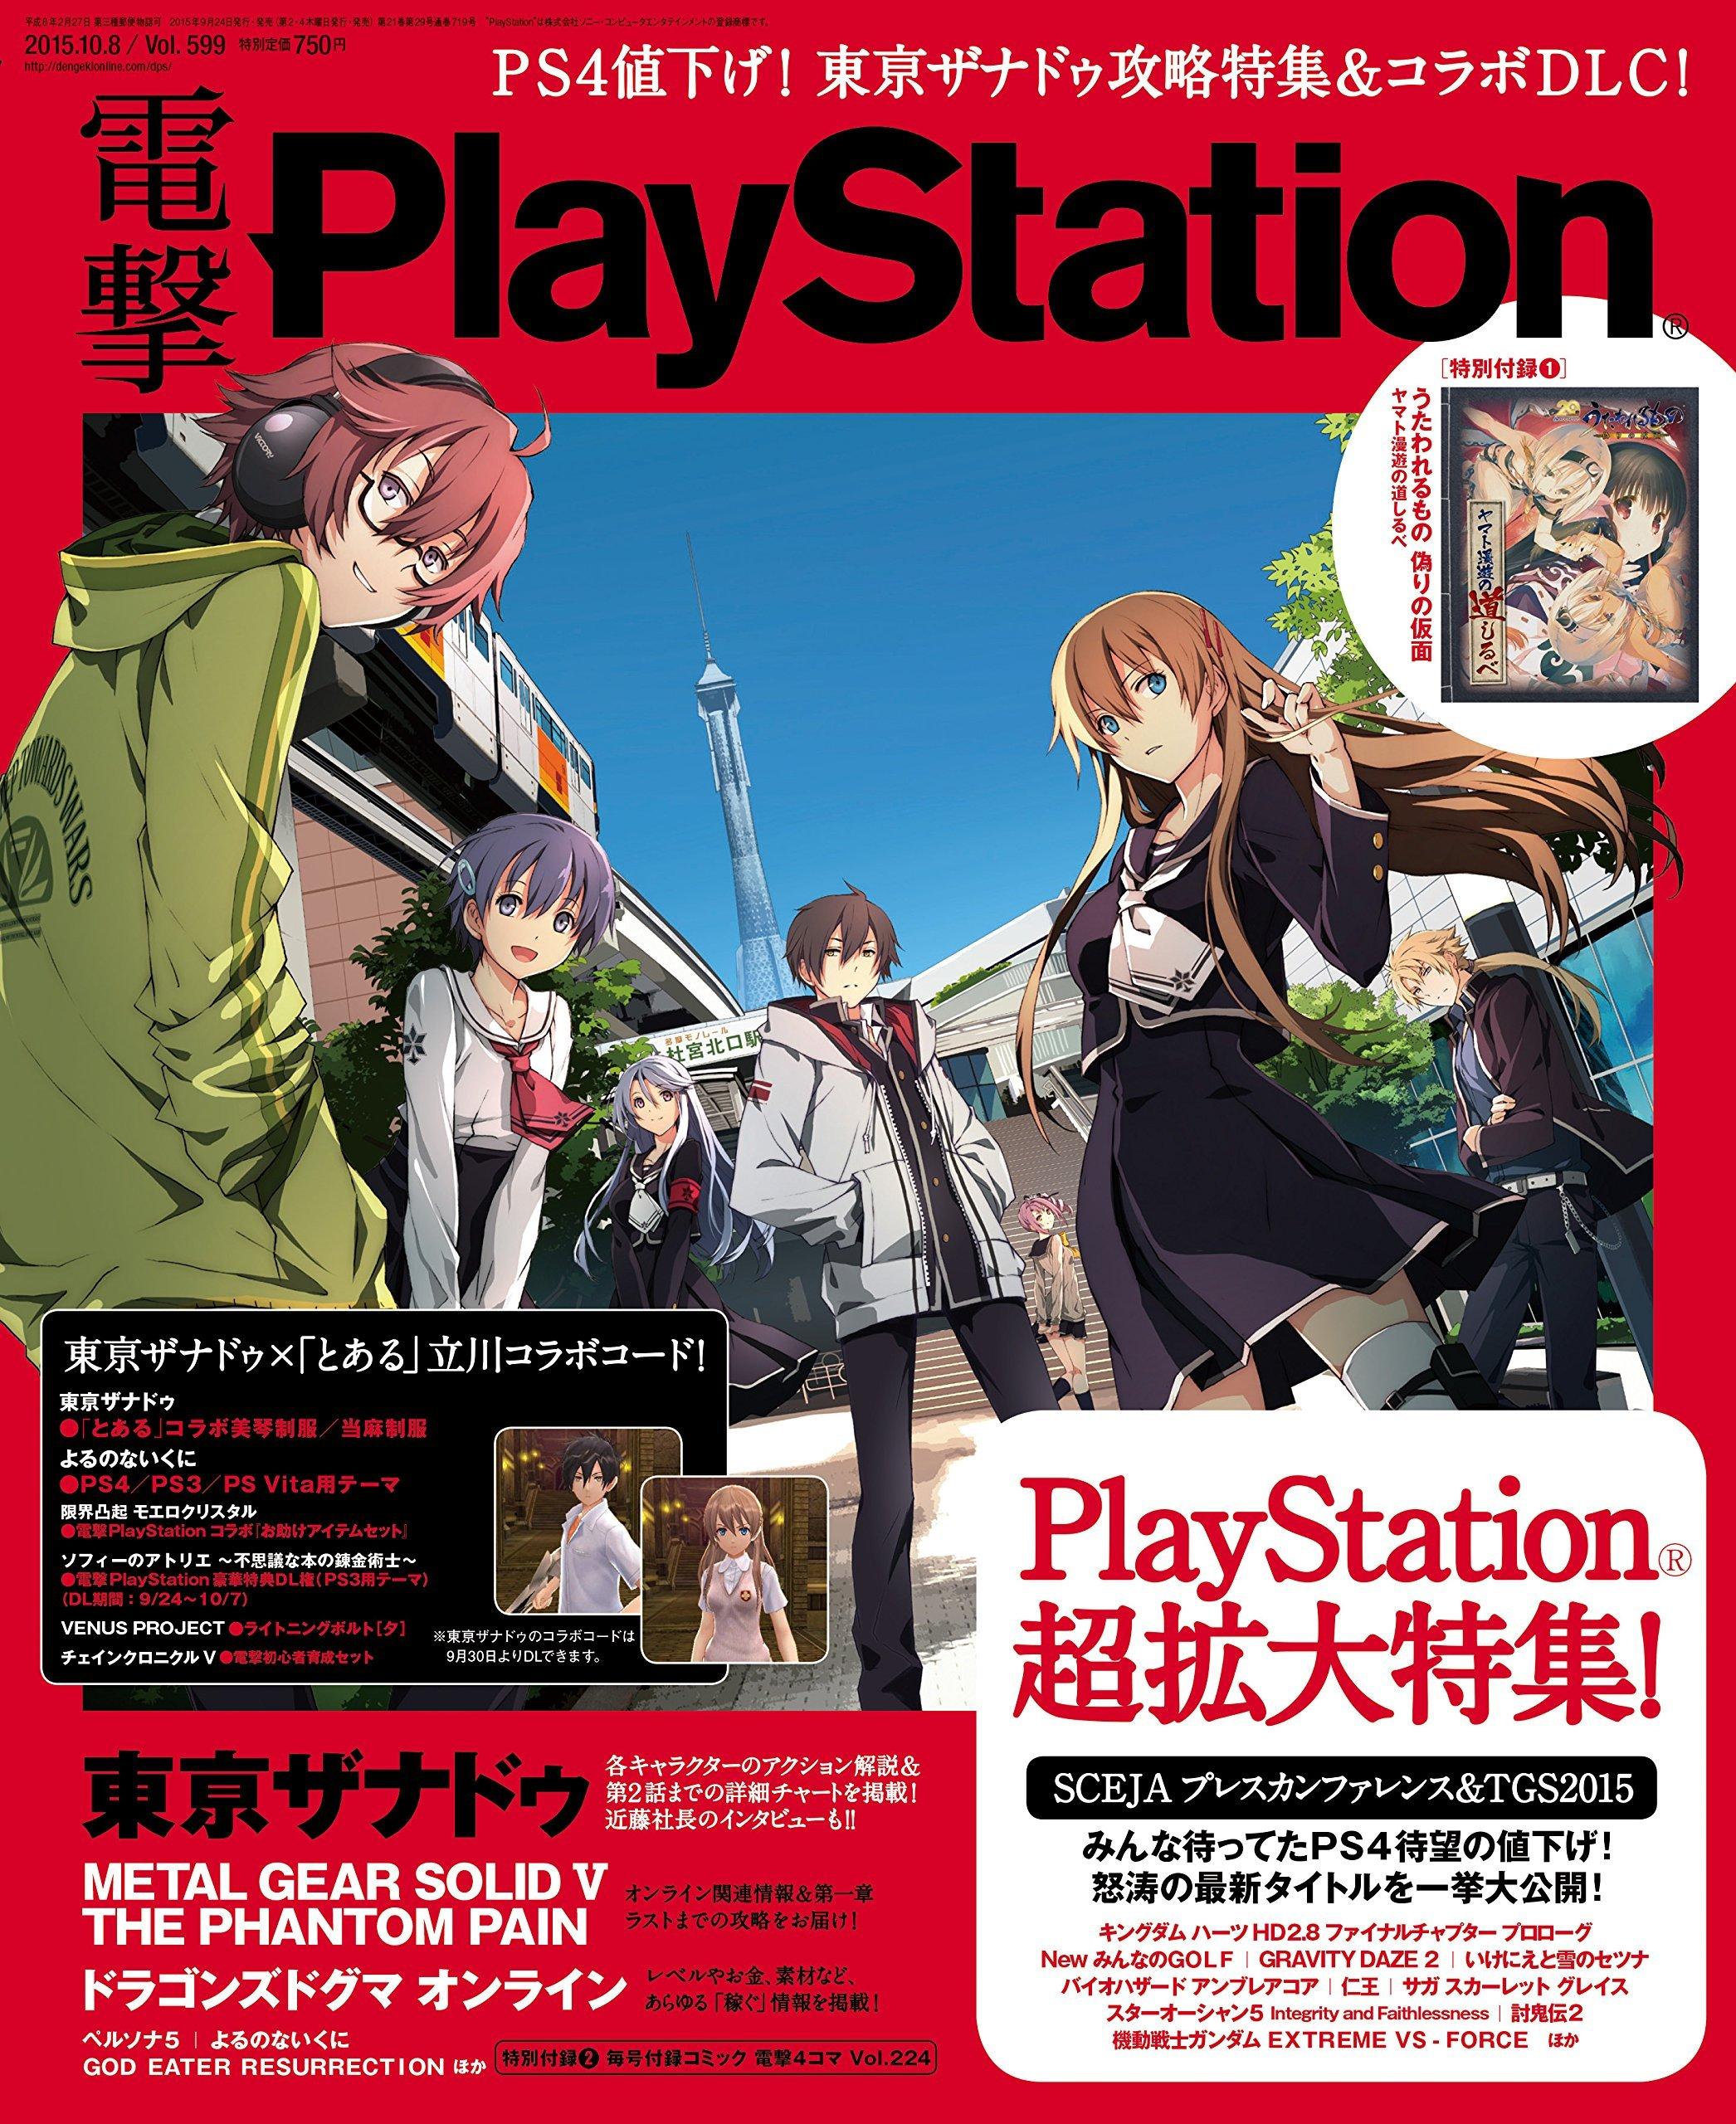 Dengeki PlayStation 599 (October 8, 2015)